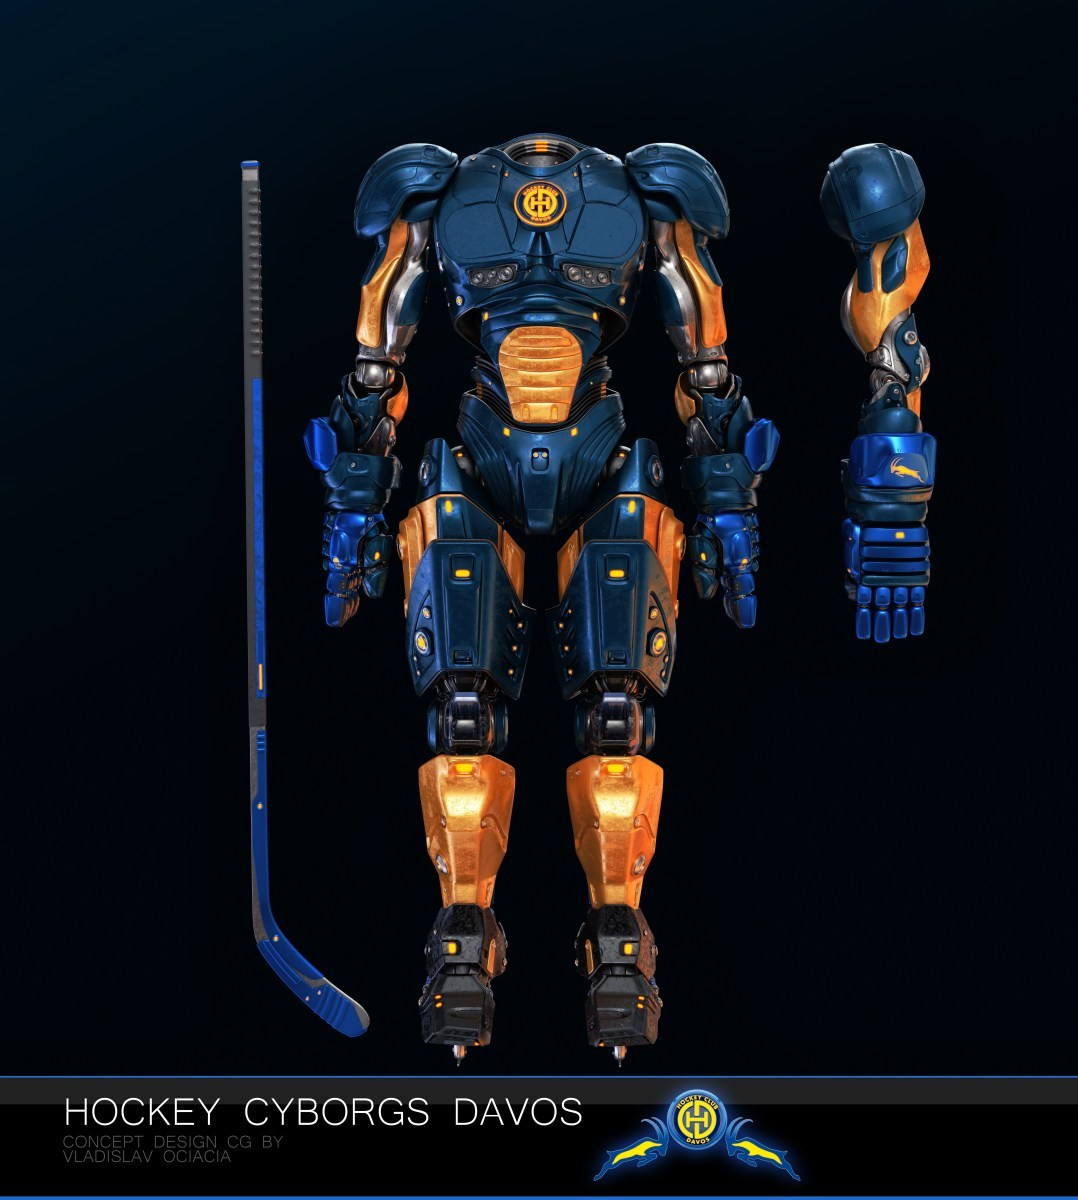 Vladislav ociacia hockey player robots 21